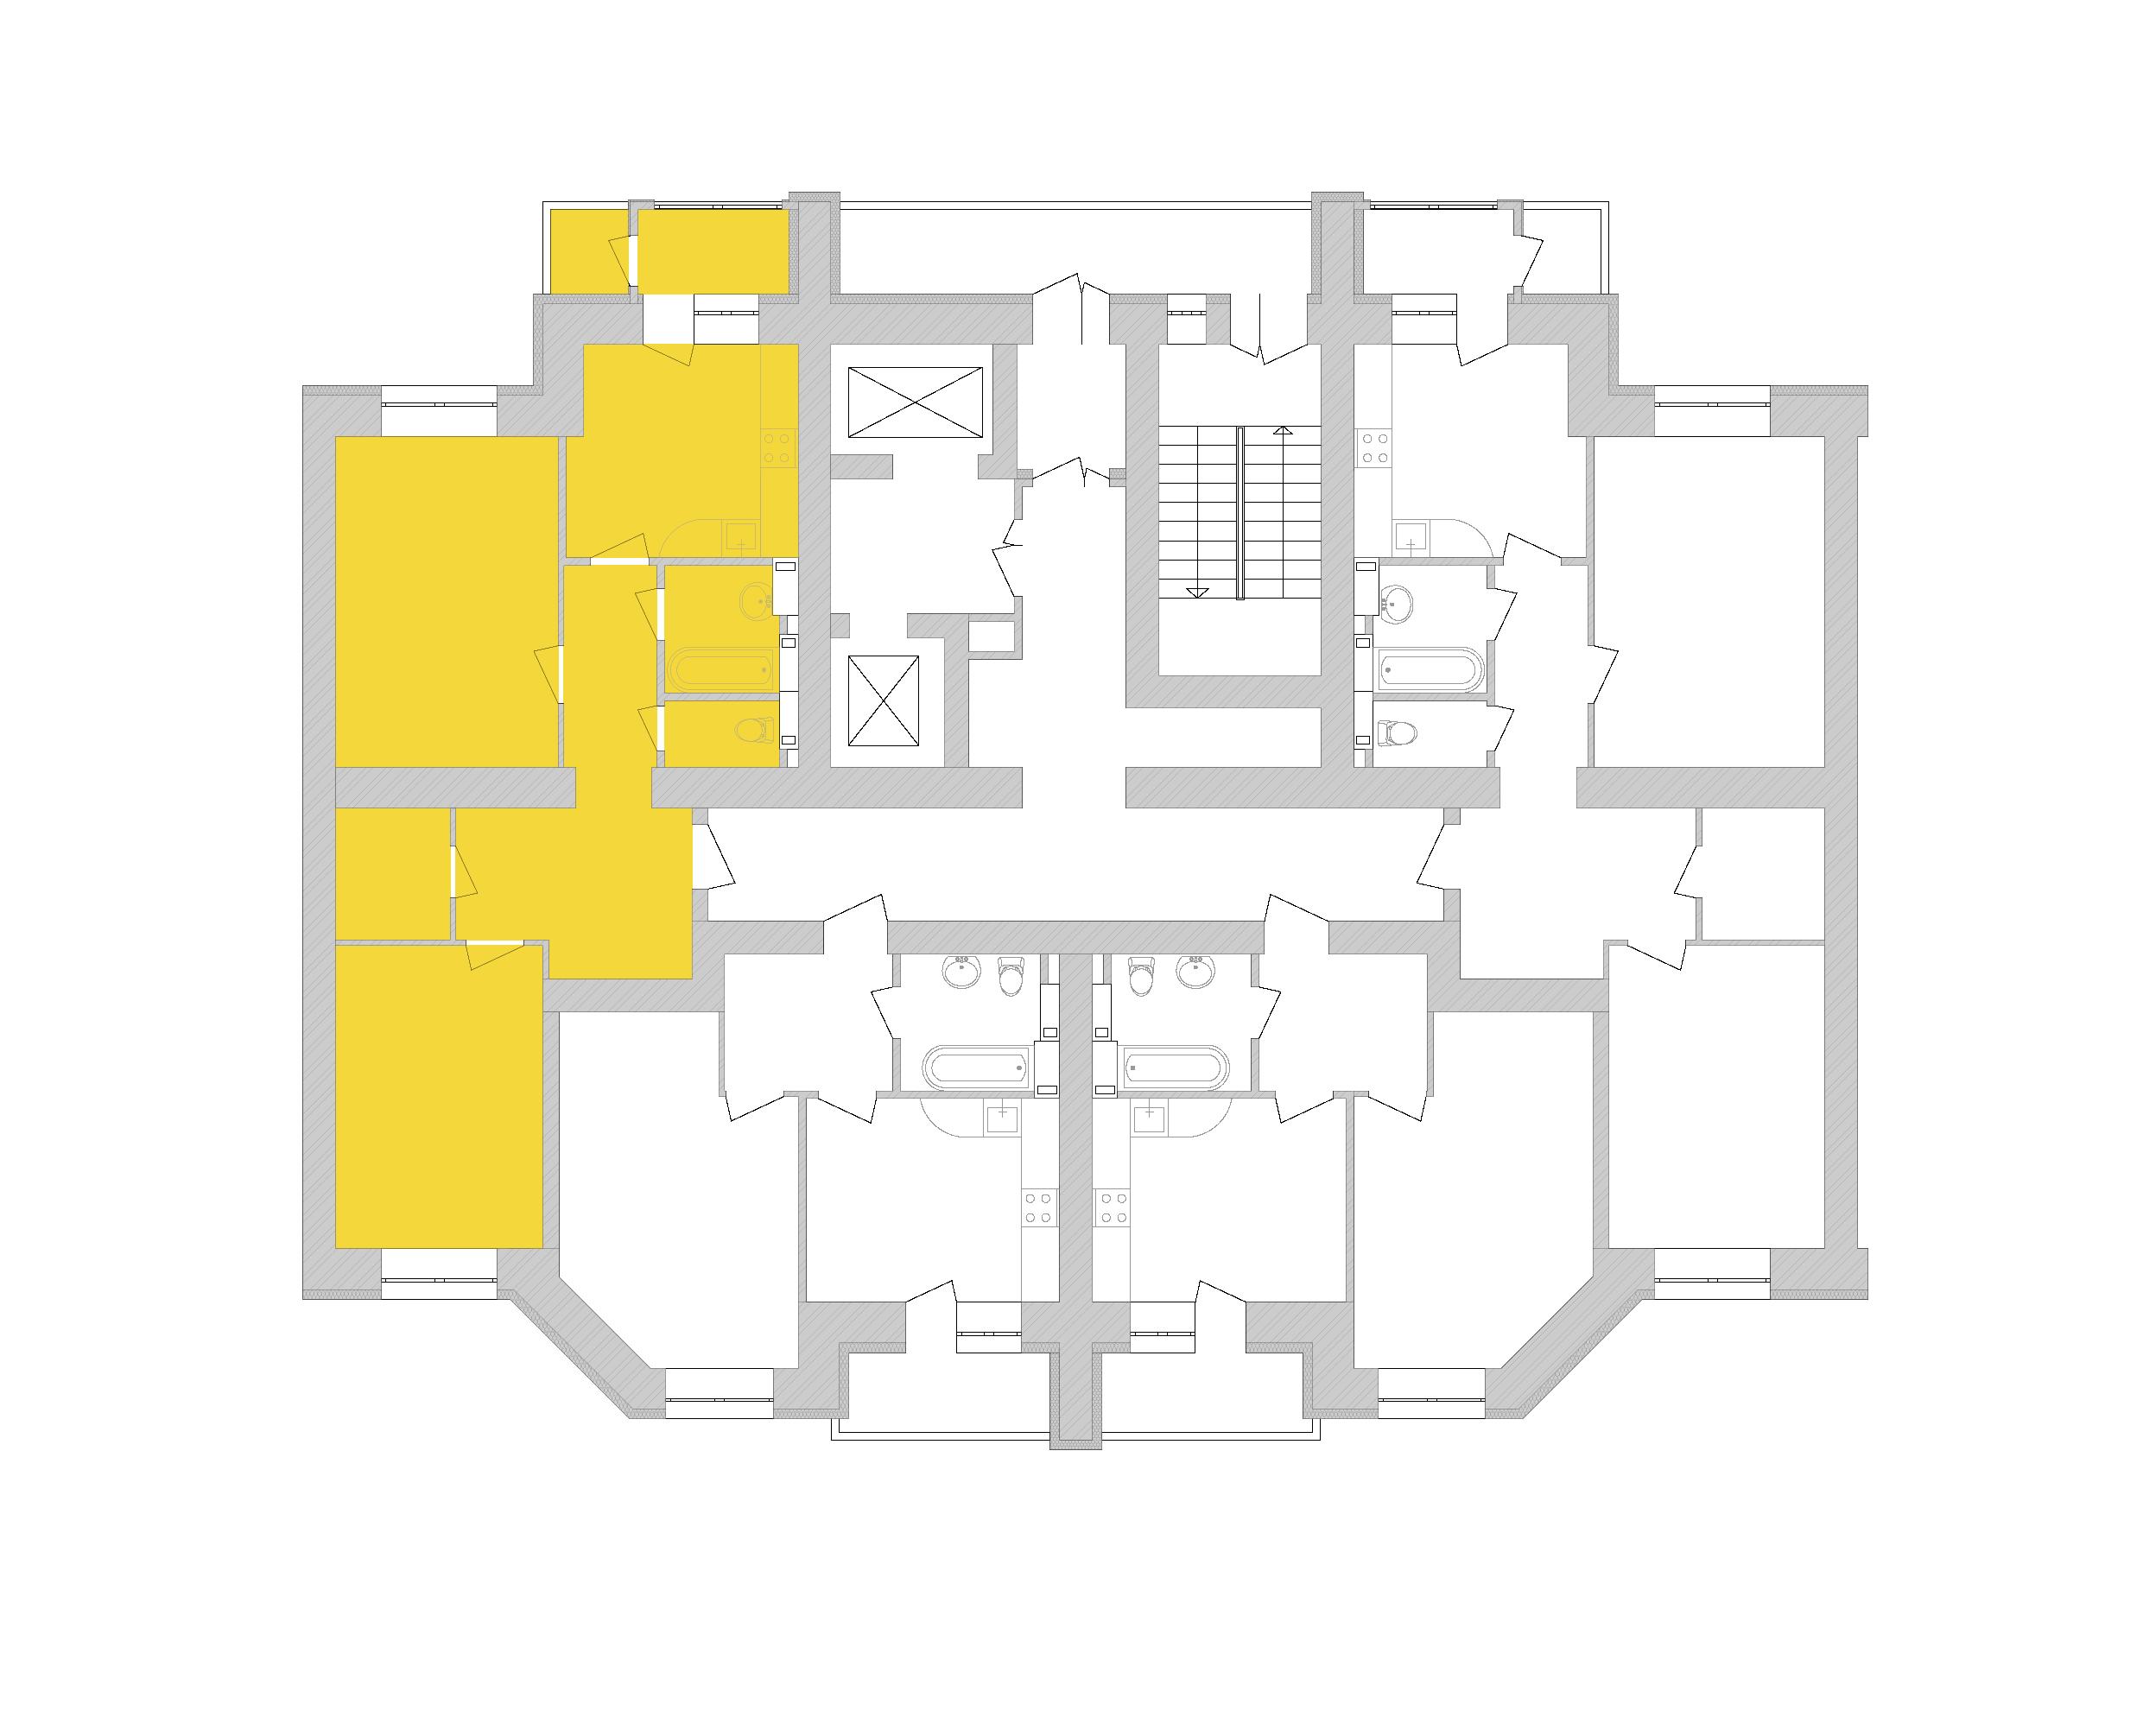 Двухкомнатная квартира 72.28 кв.м., тип 2.4, дом 1, секция 8 расположение на этаже